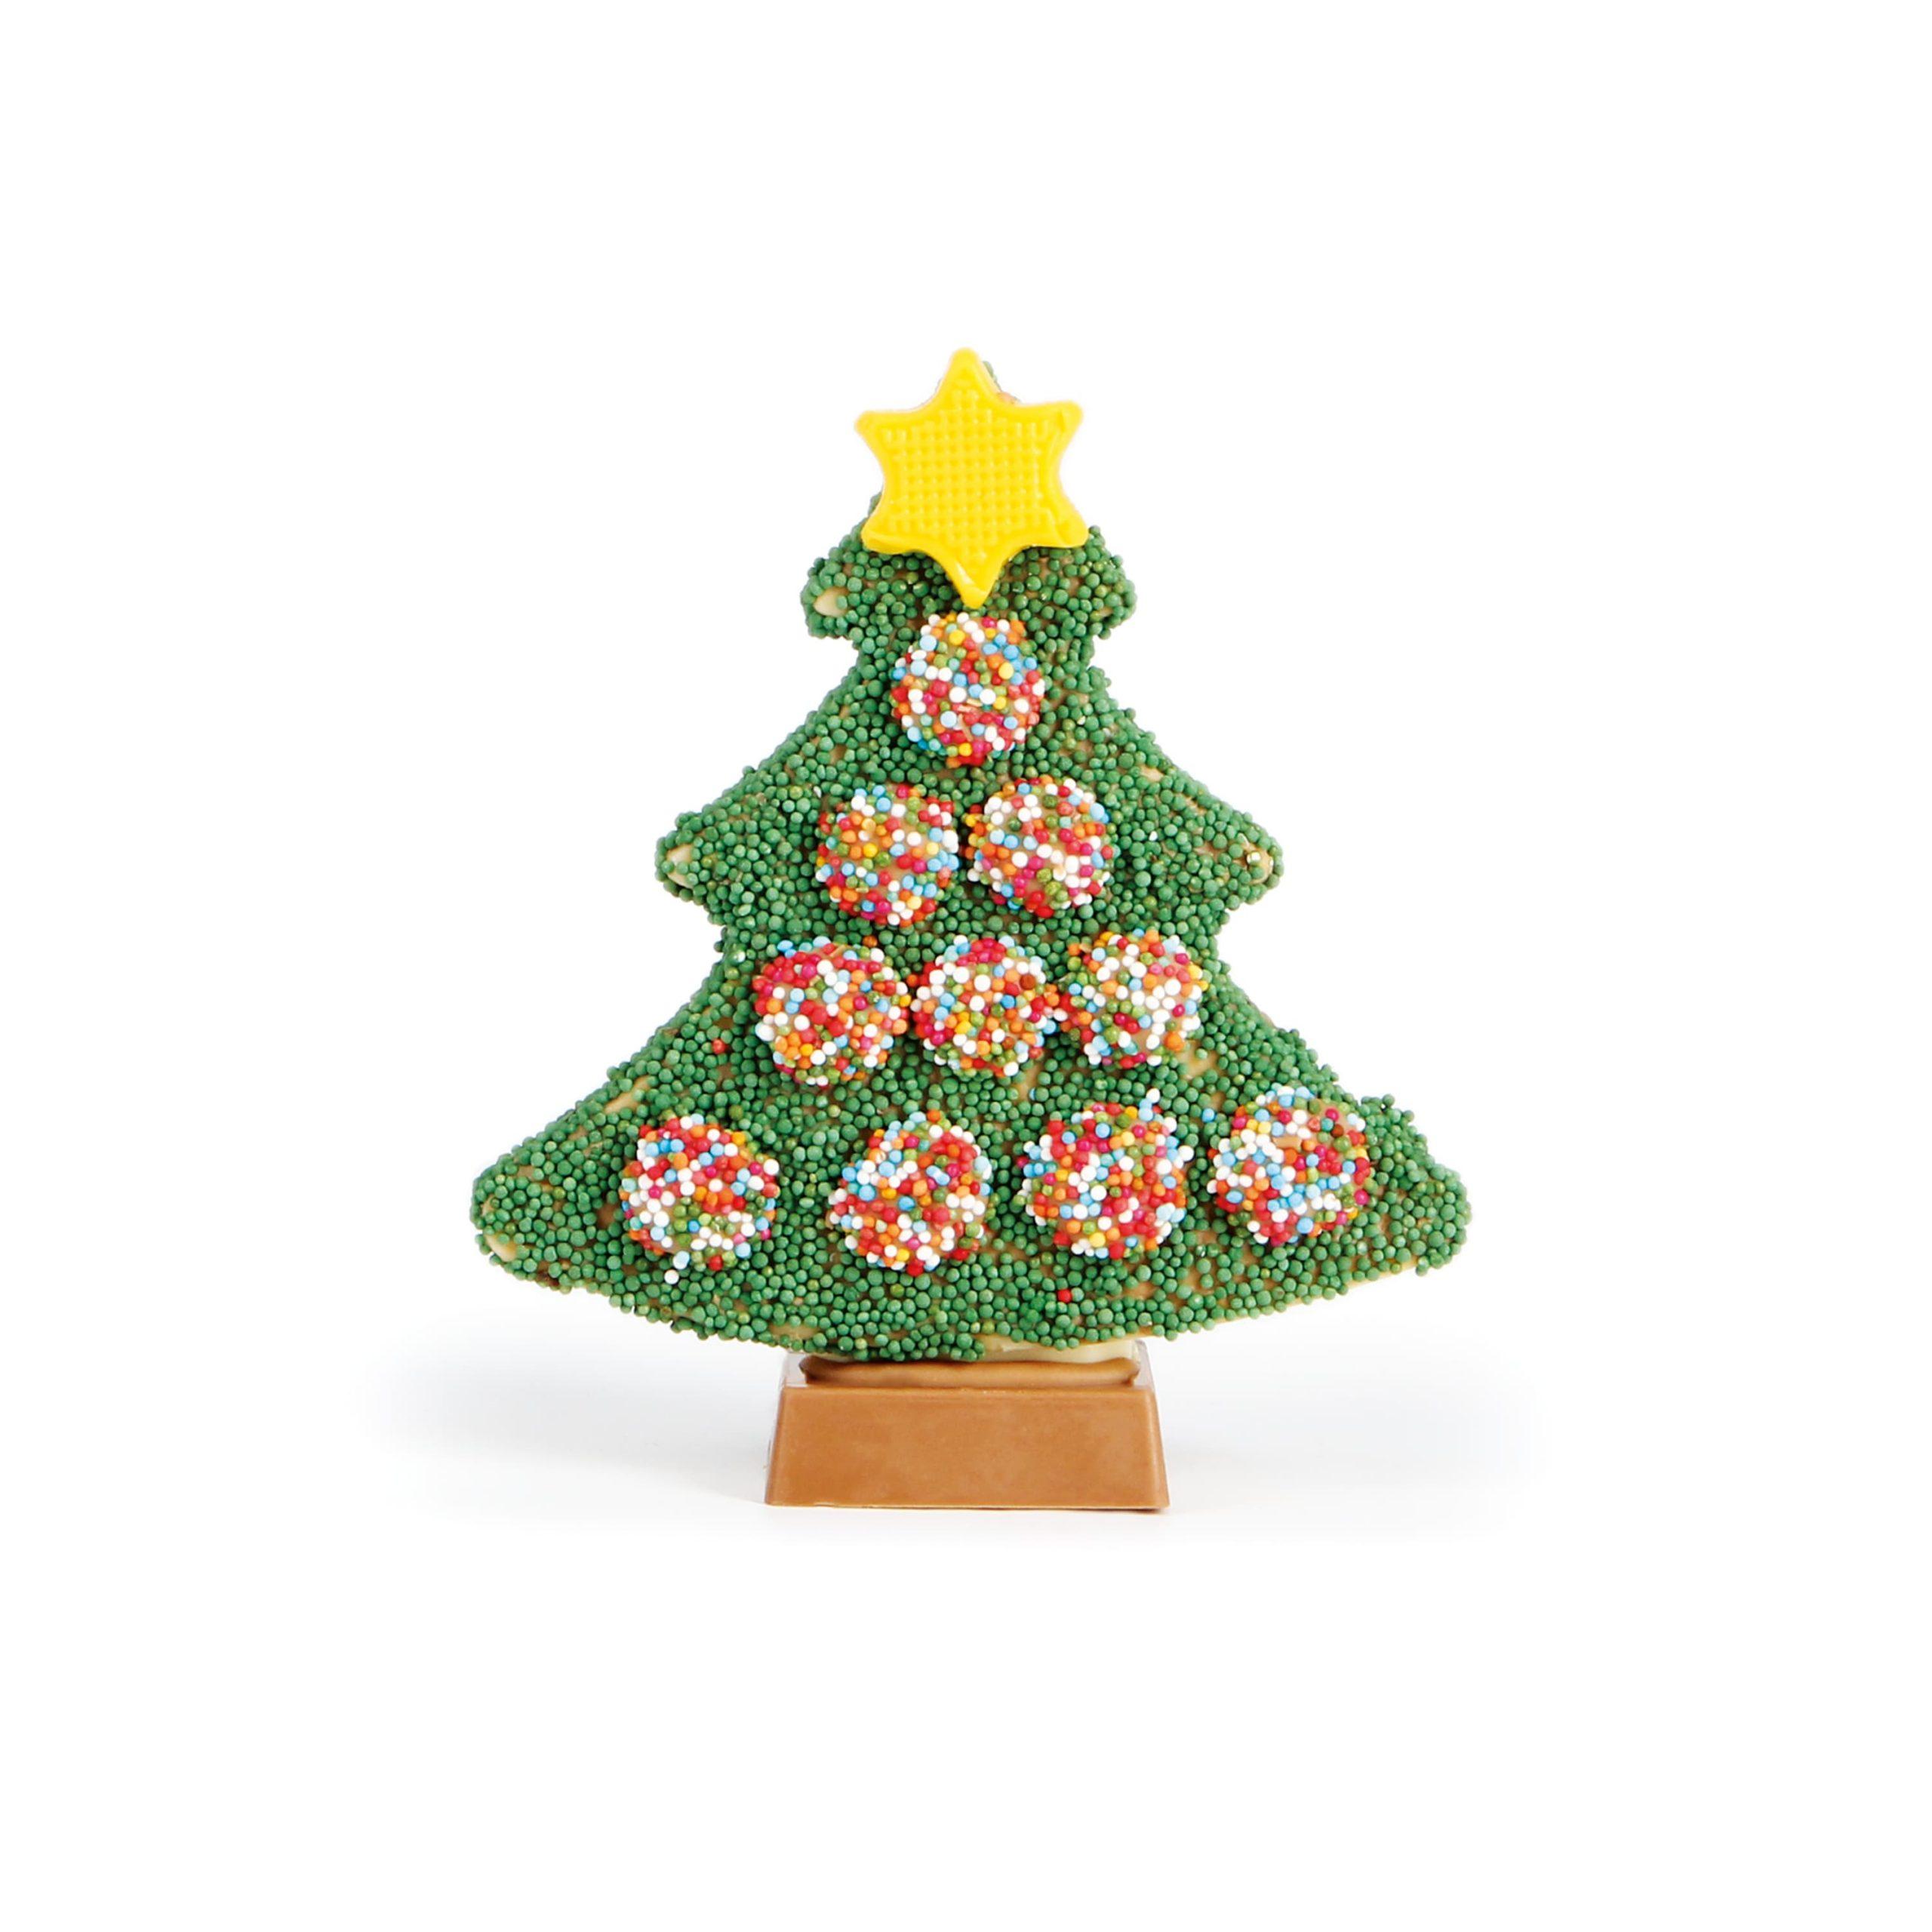 Kerst Bomen - Kerstboom met Ballen